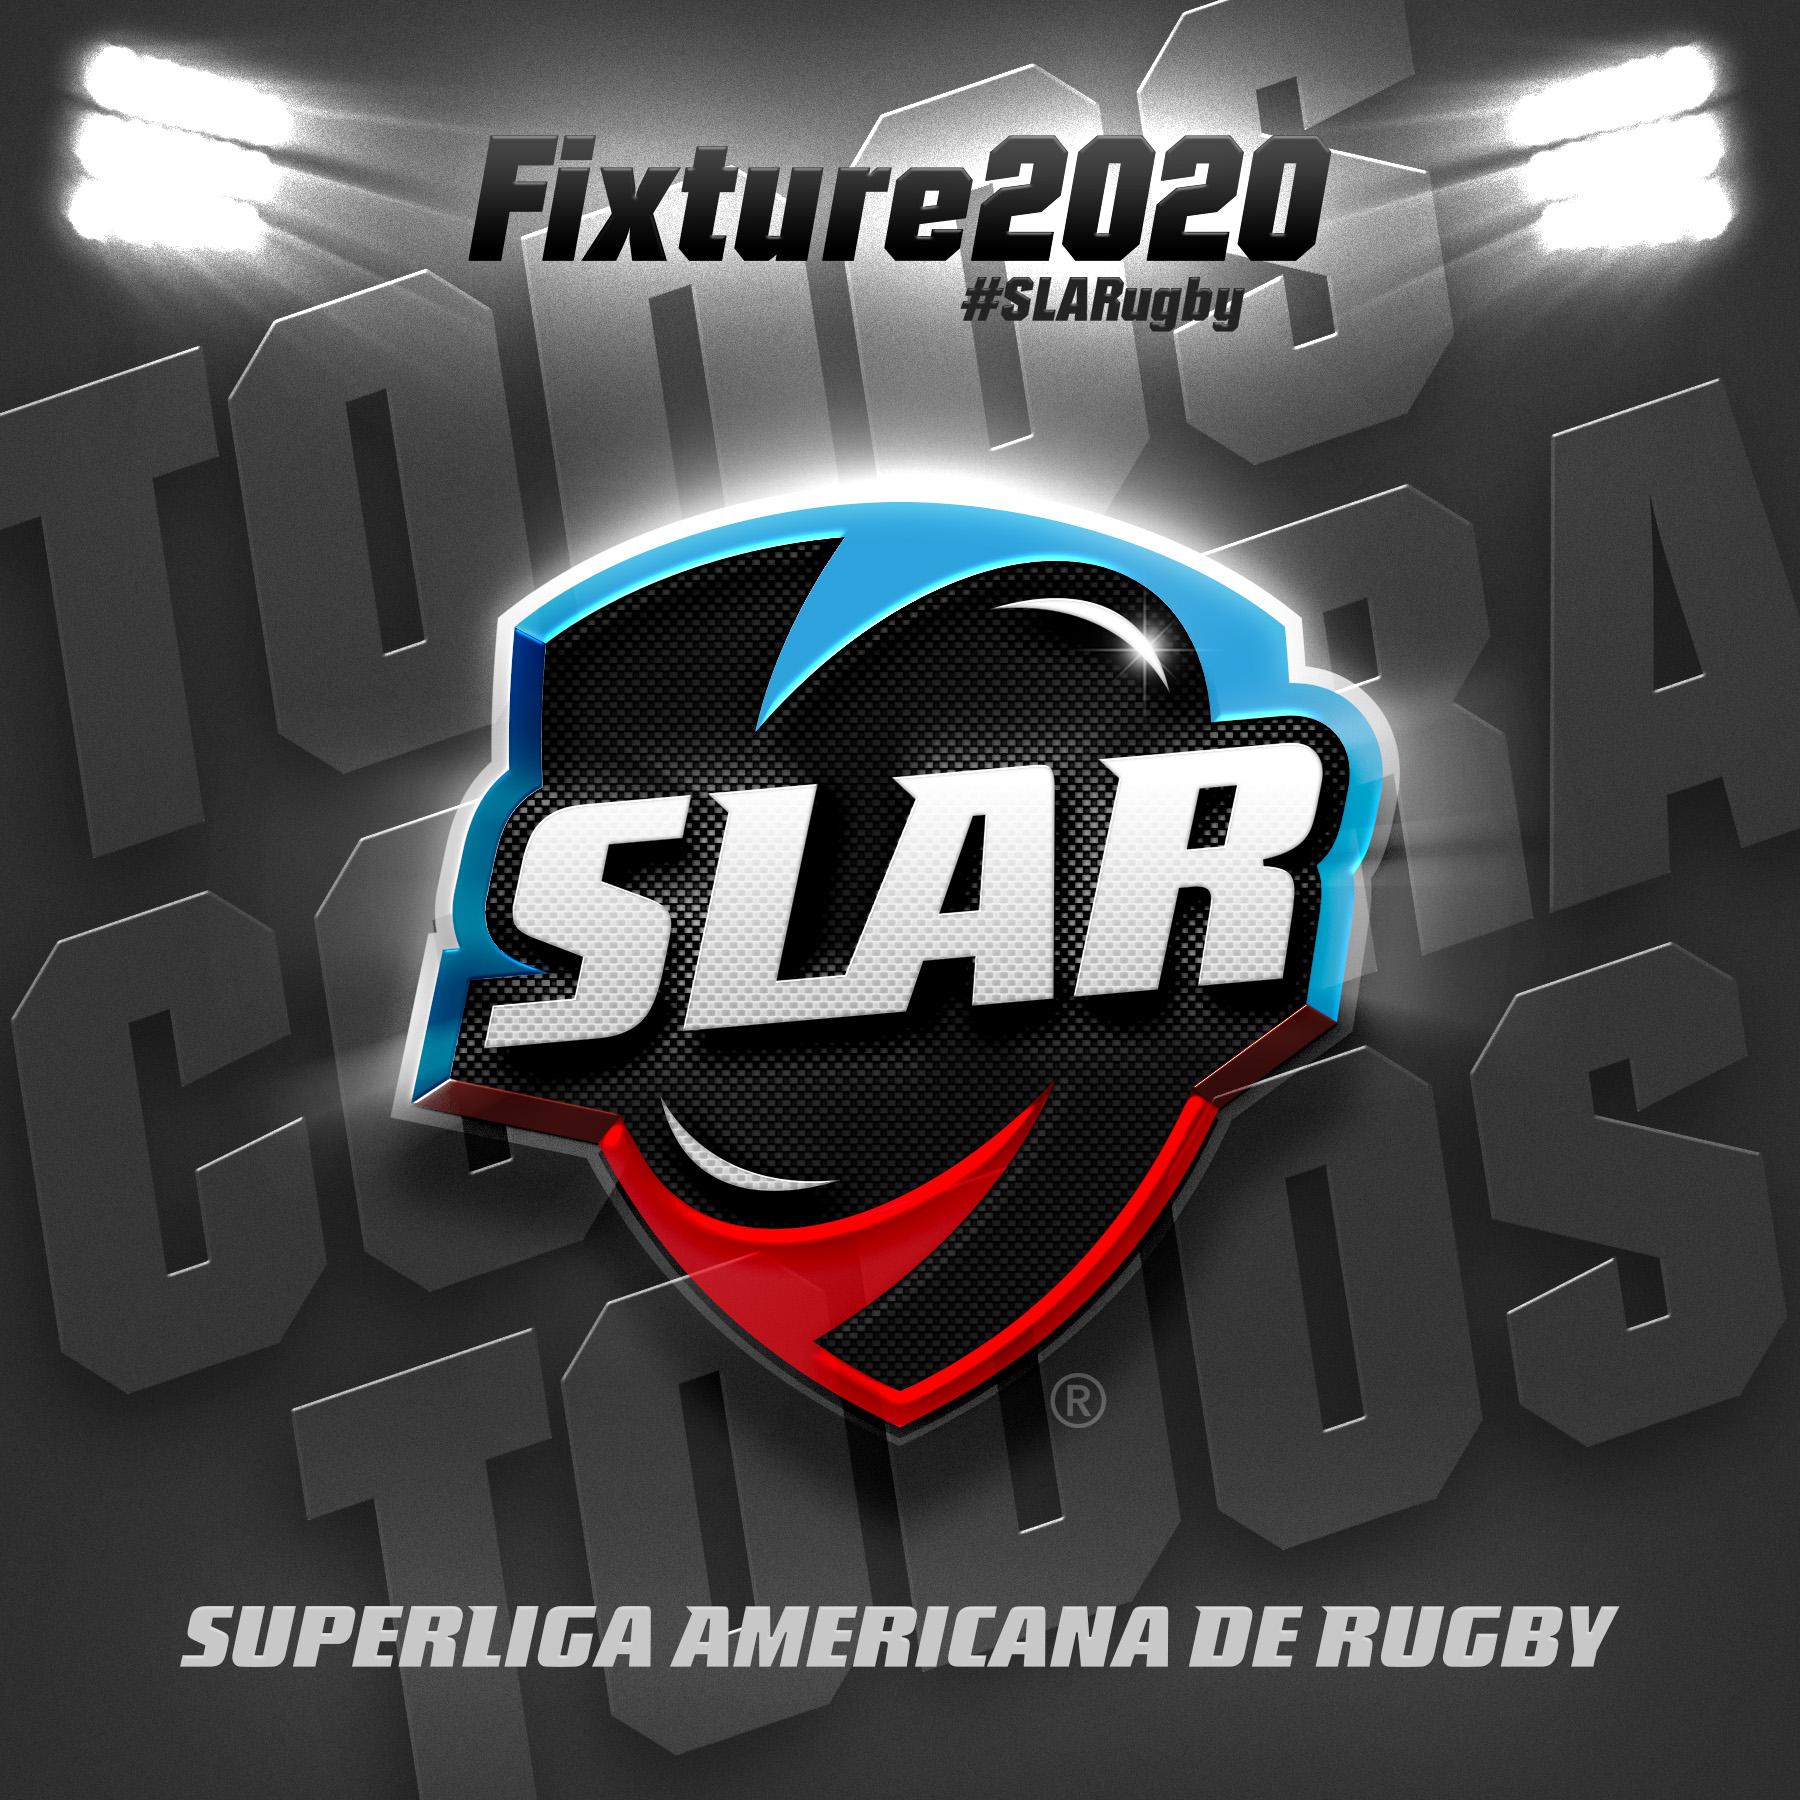 La Superliga Americana de Rugby tiene fixture